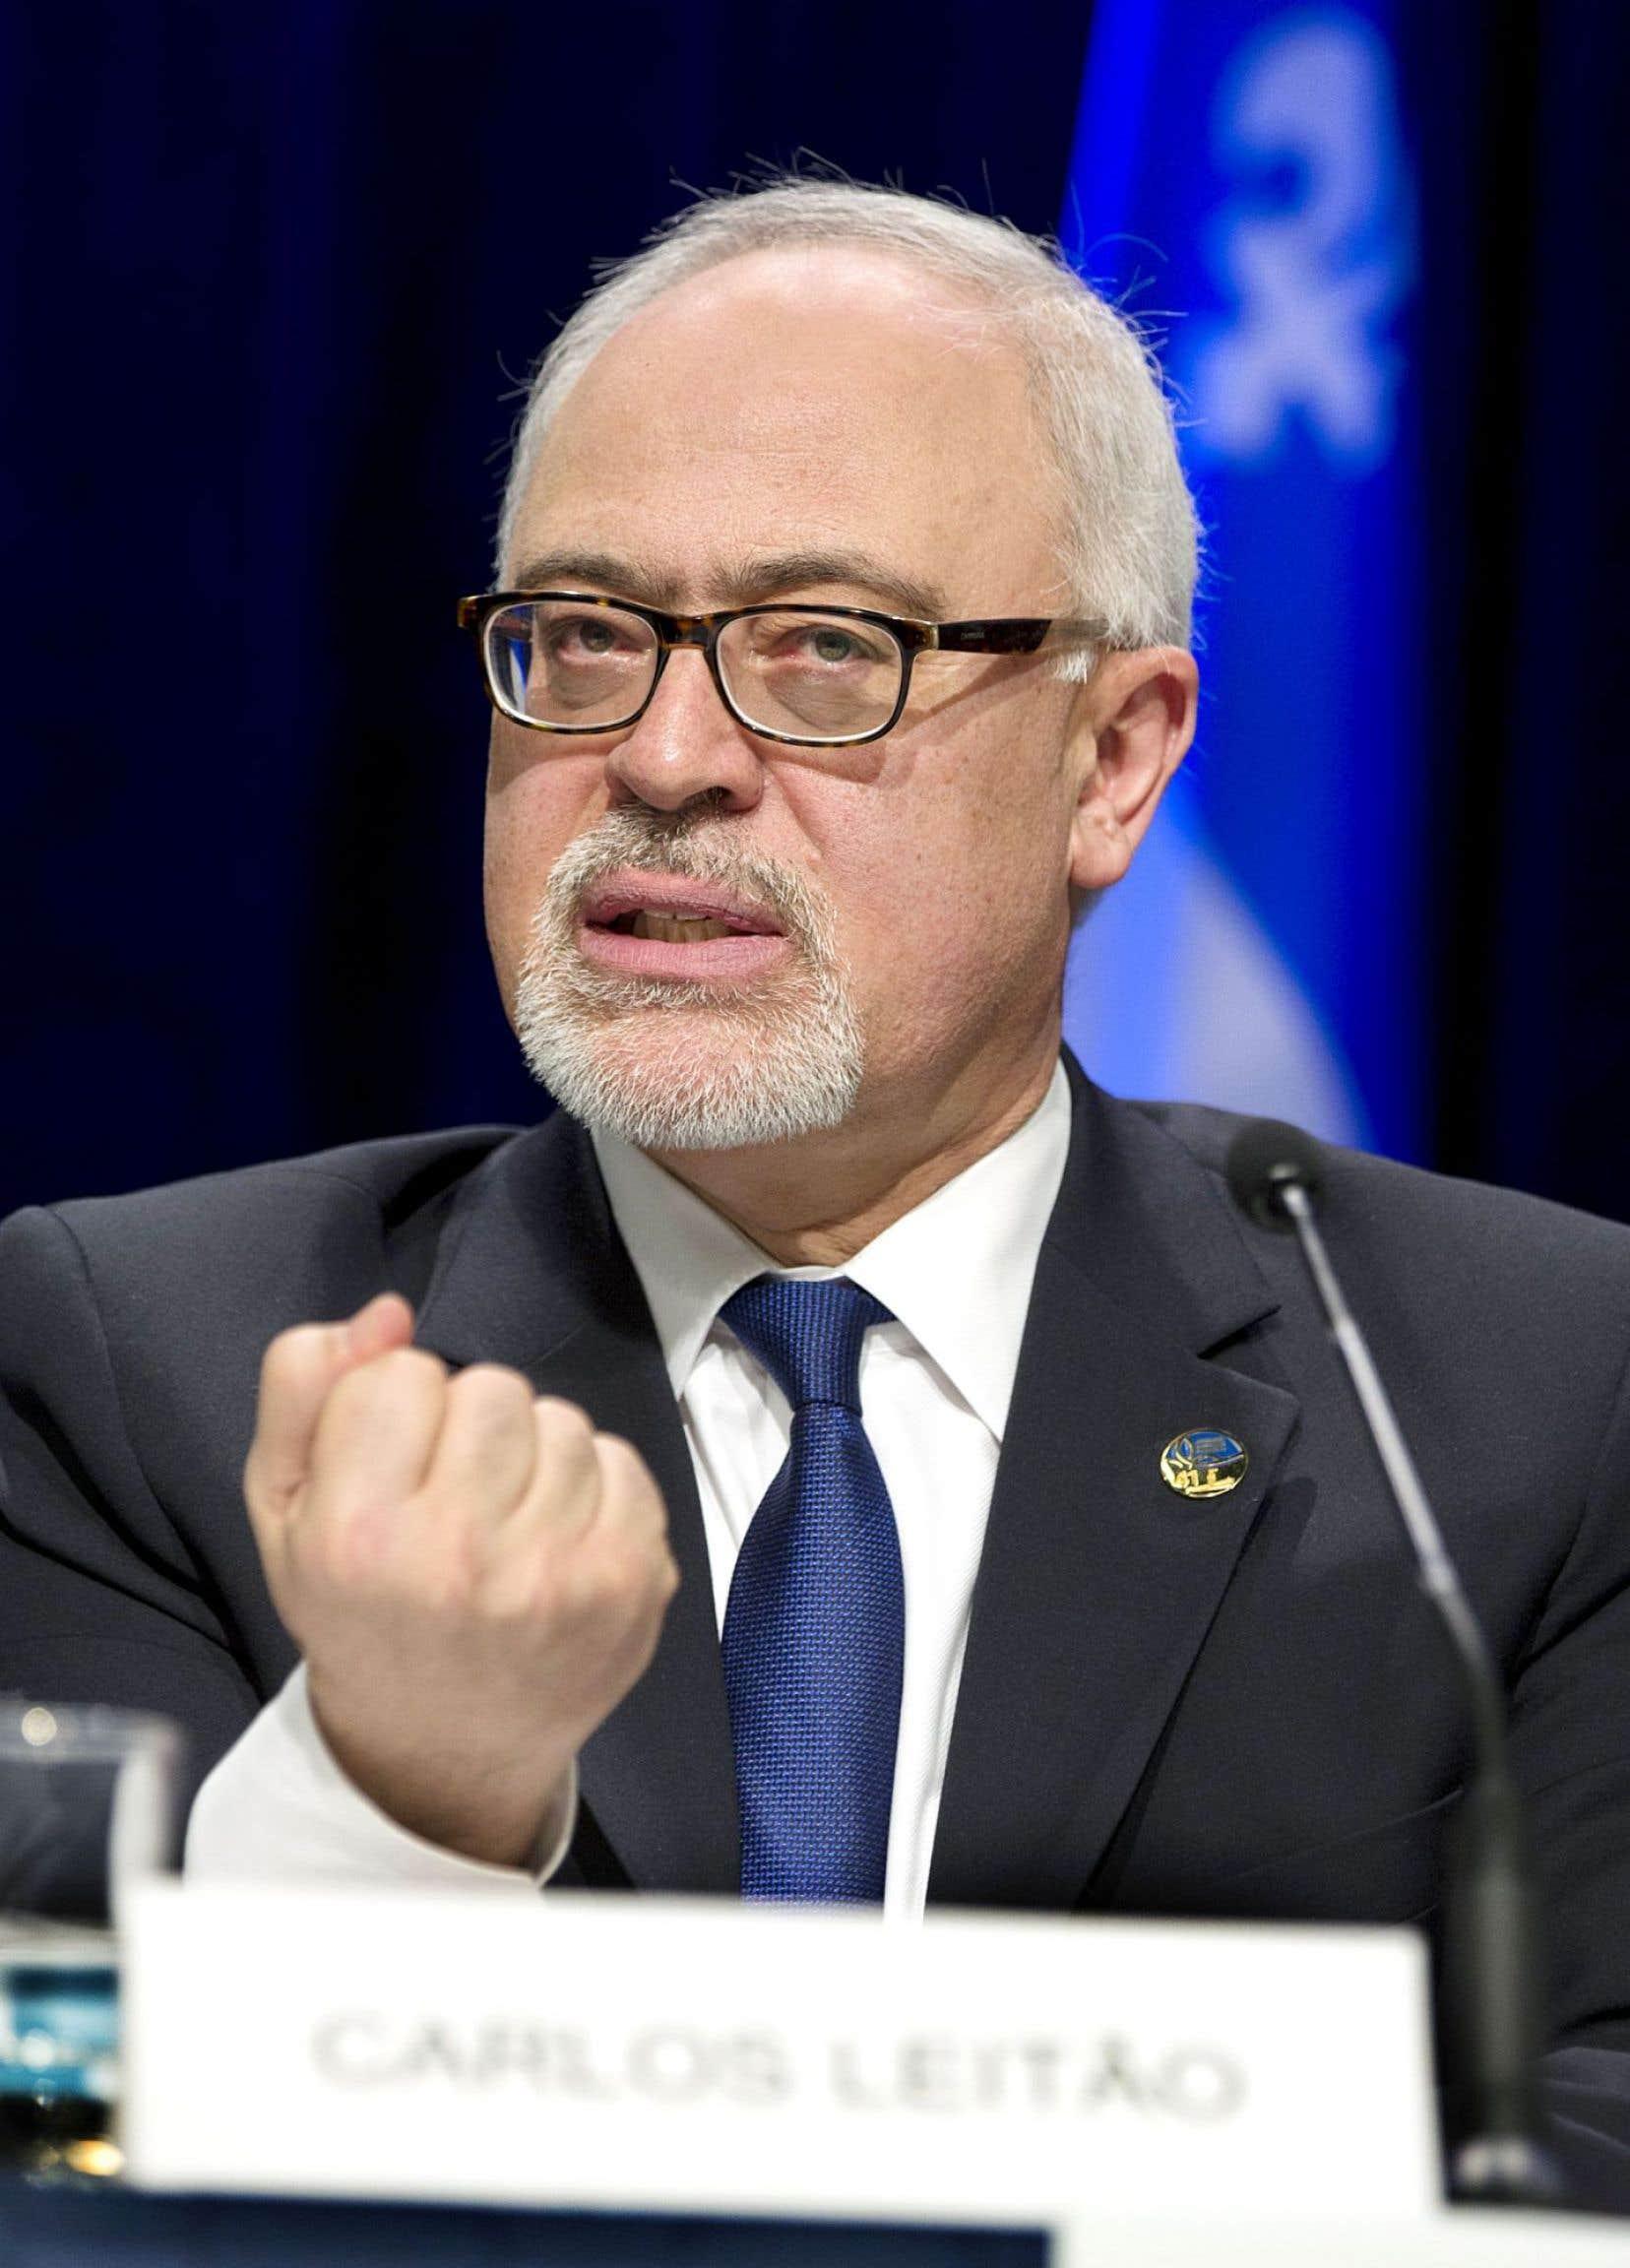 Le ministre québécois des Finances, Carlos Leitão